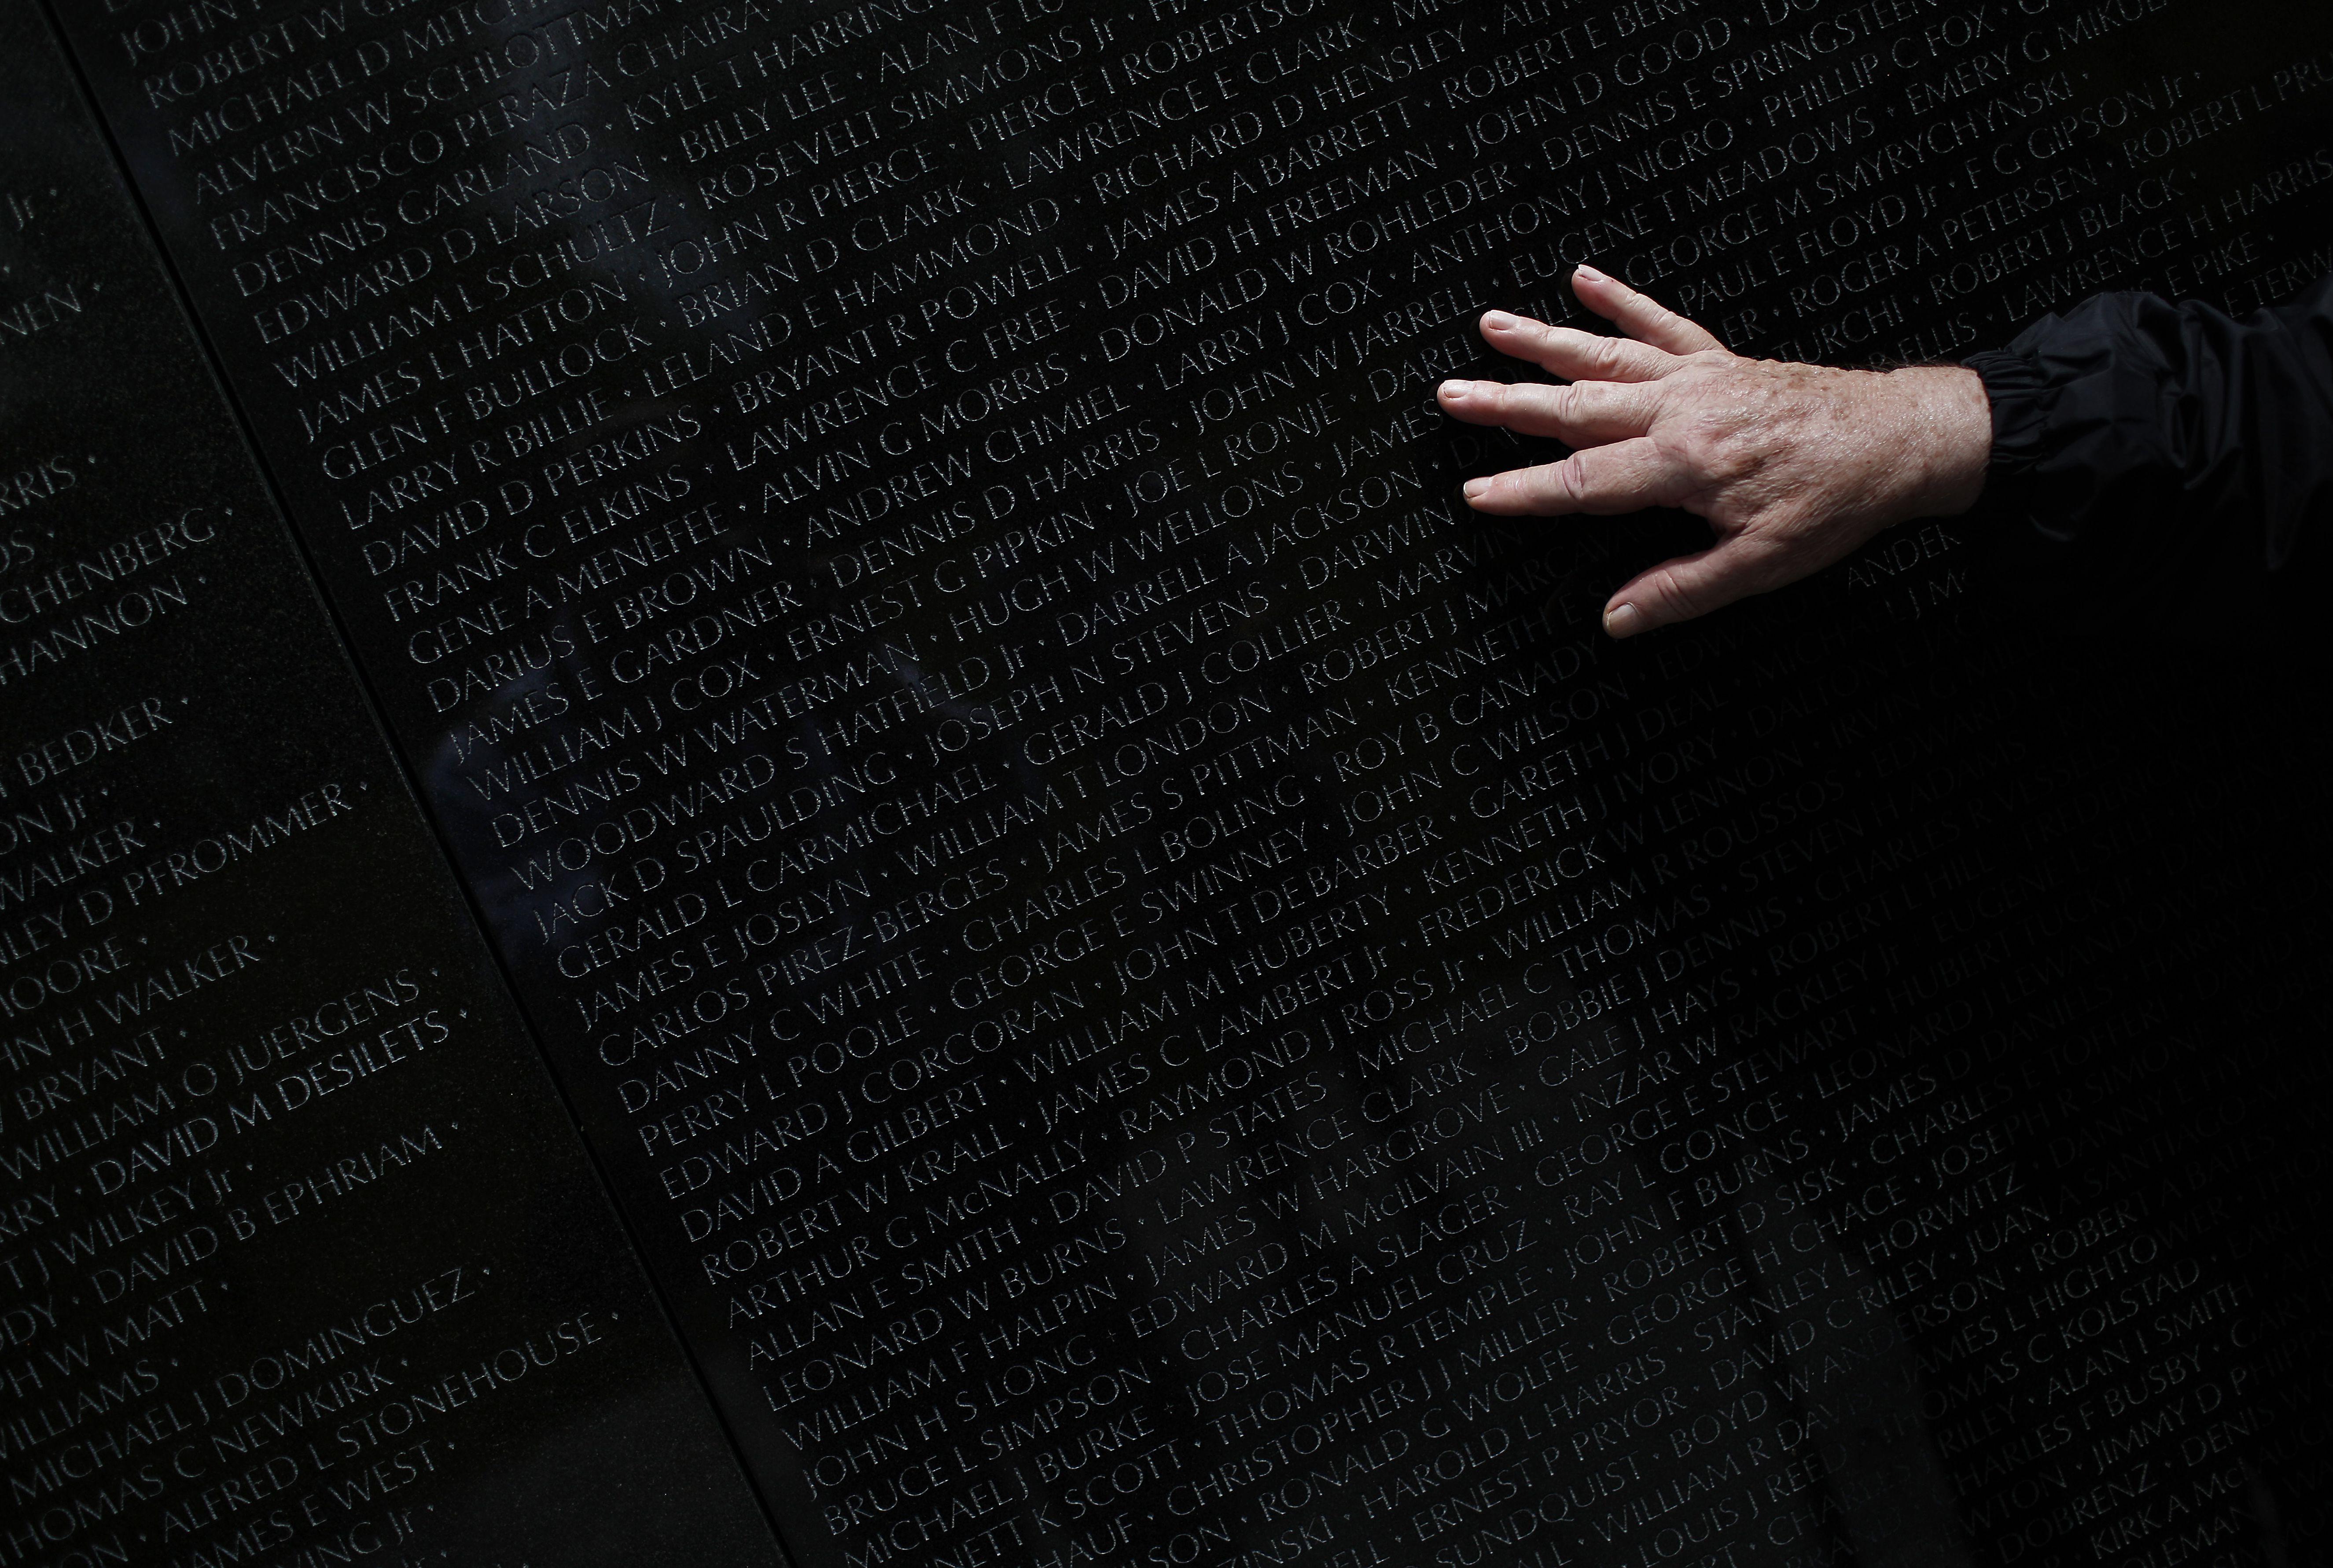 A hand touching the Vietnam War Memorial.